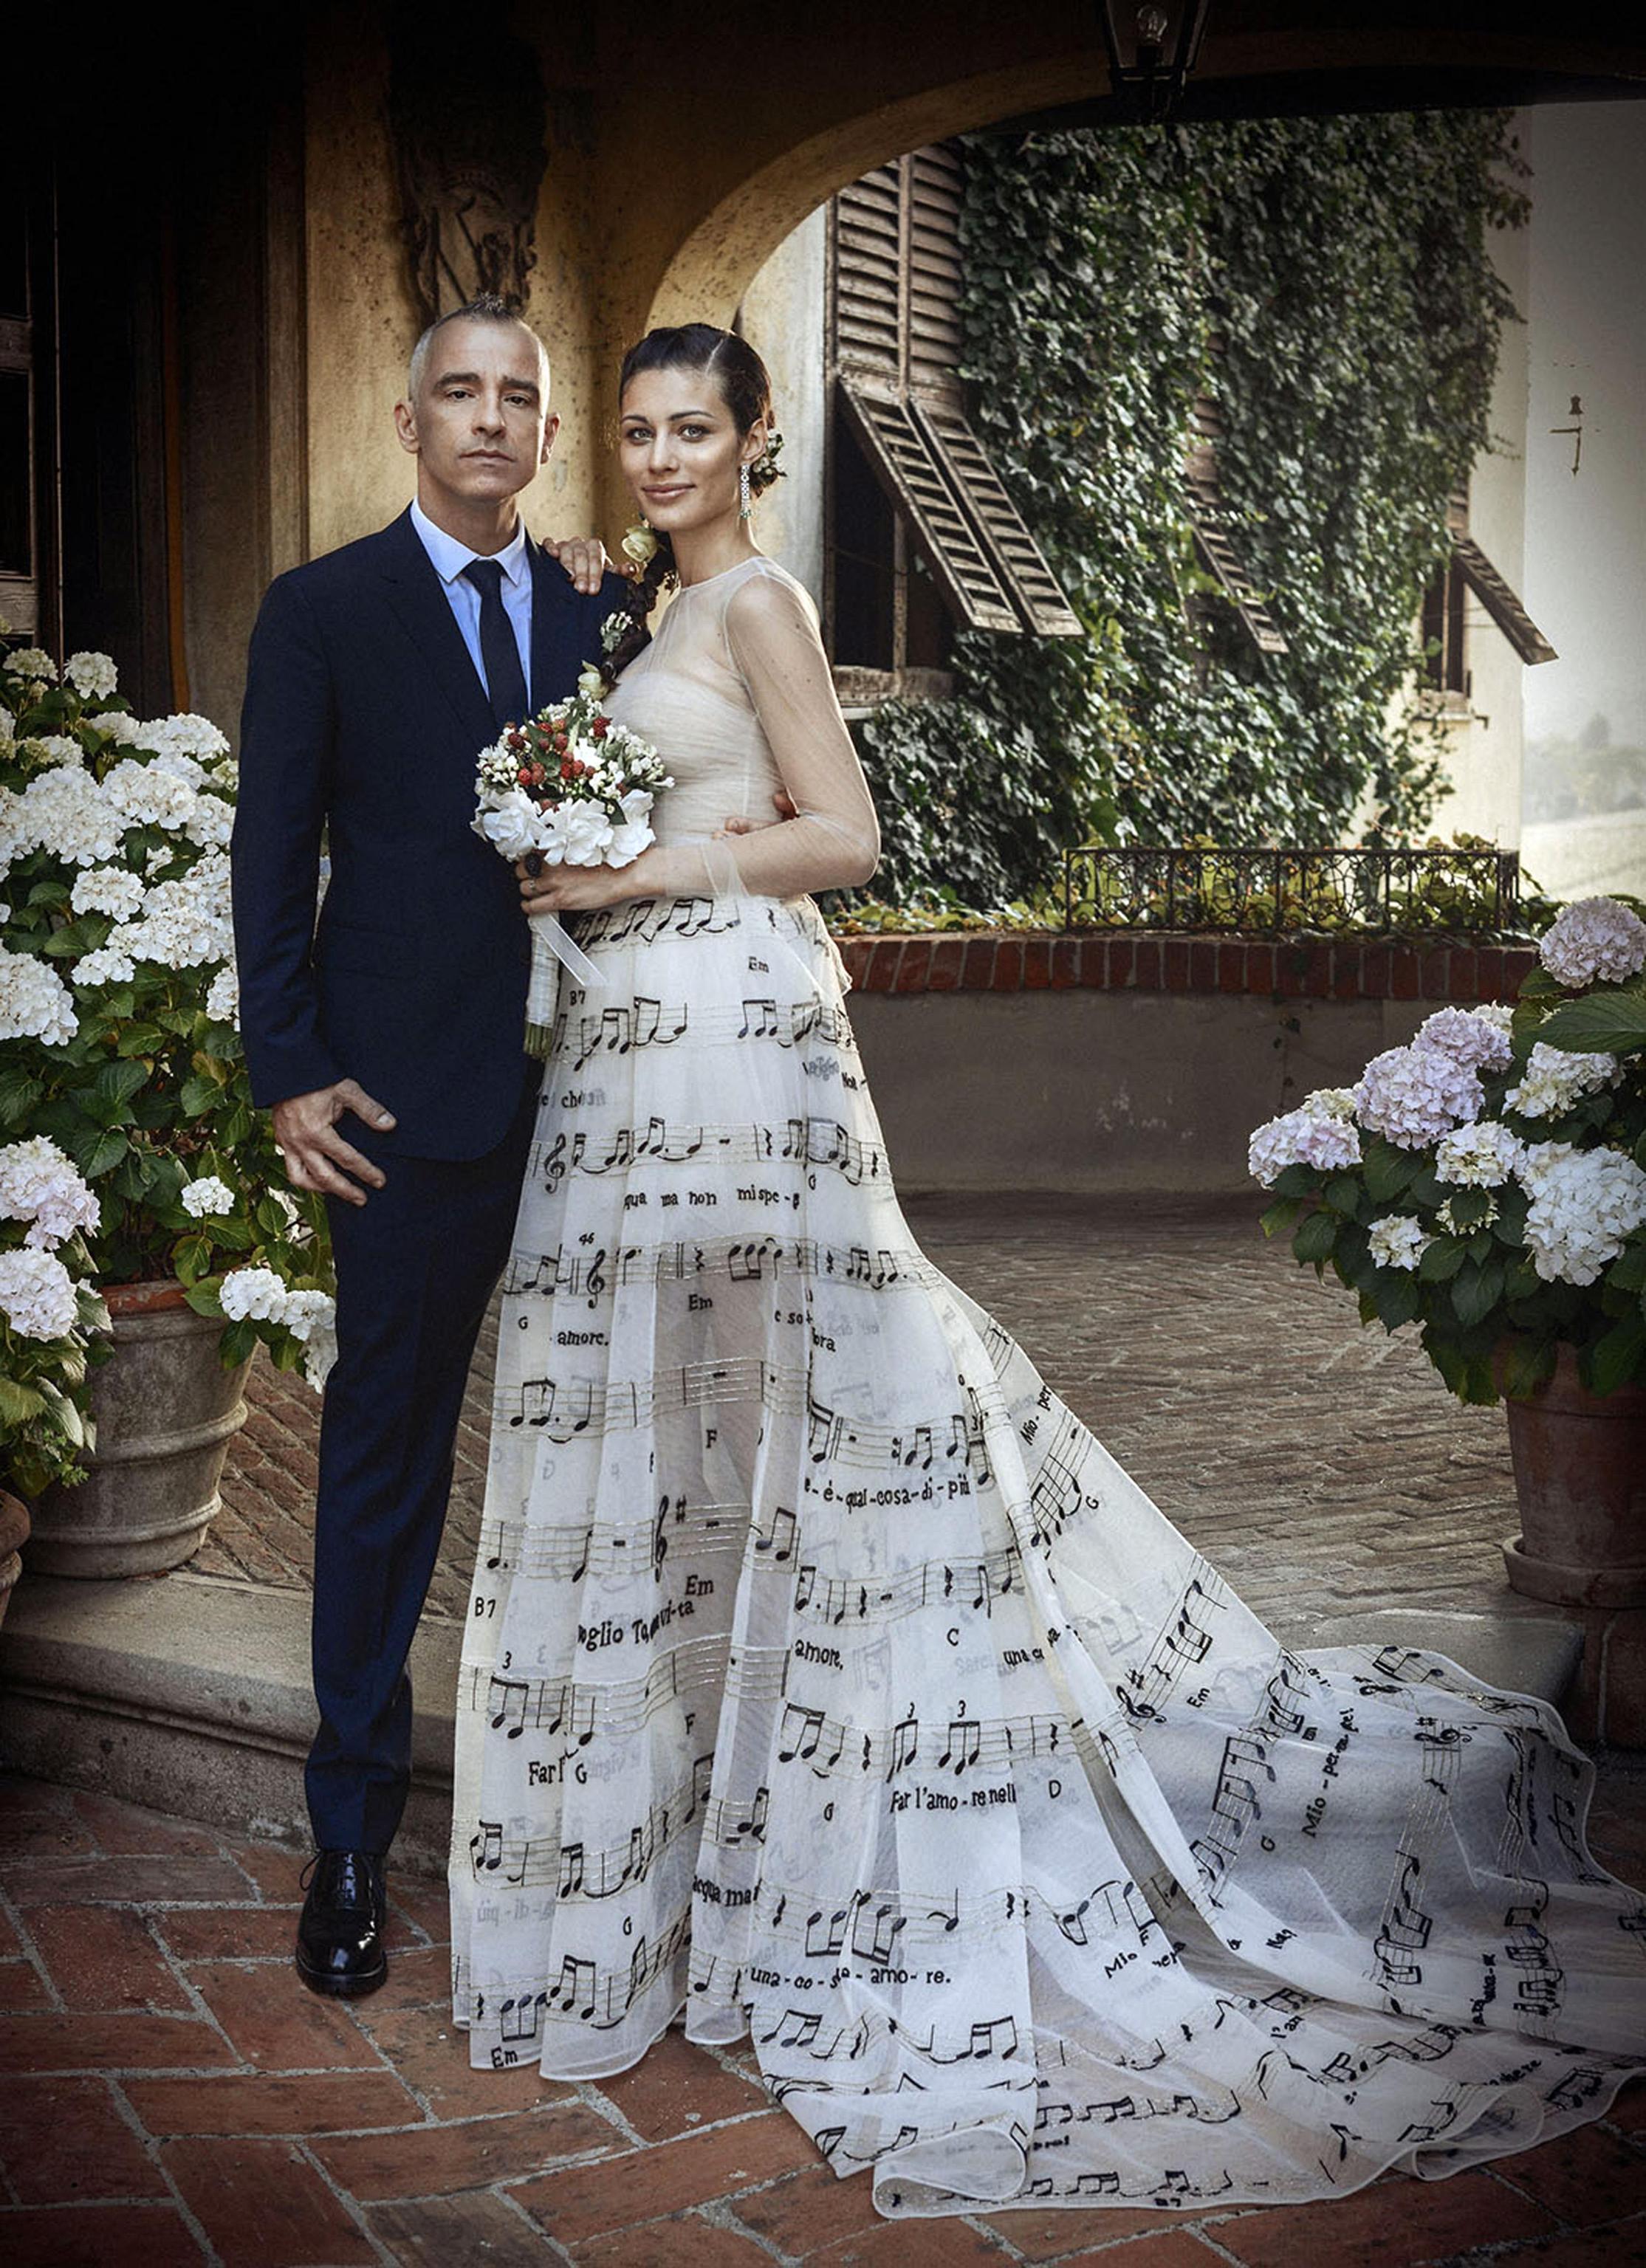 Matrimonio In Wedding : Eros ramazzotti e marica le foto del matrimonio anche l